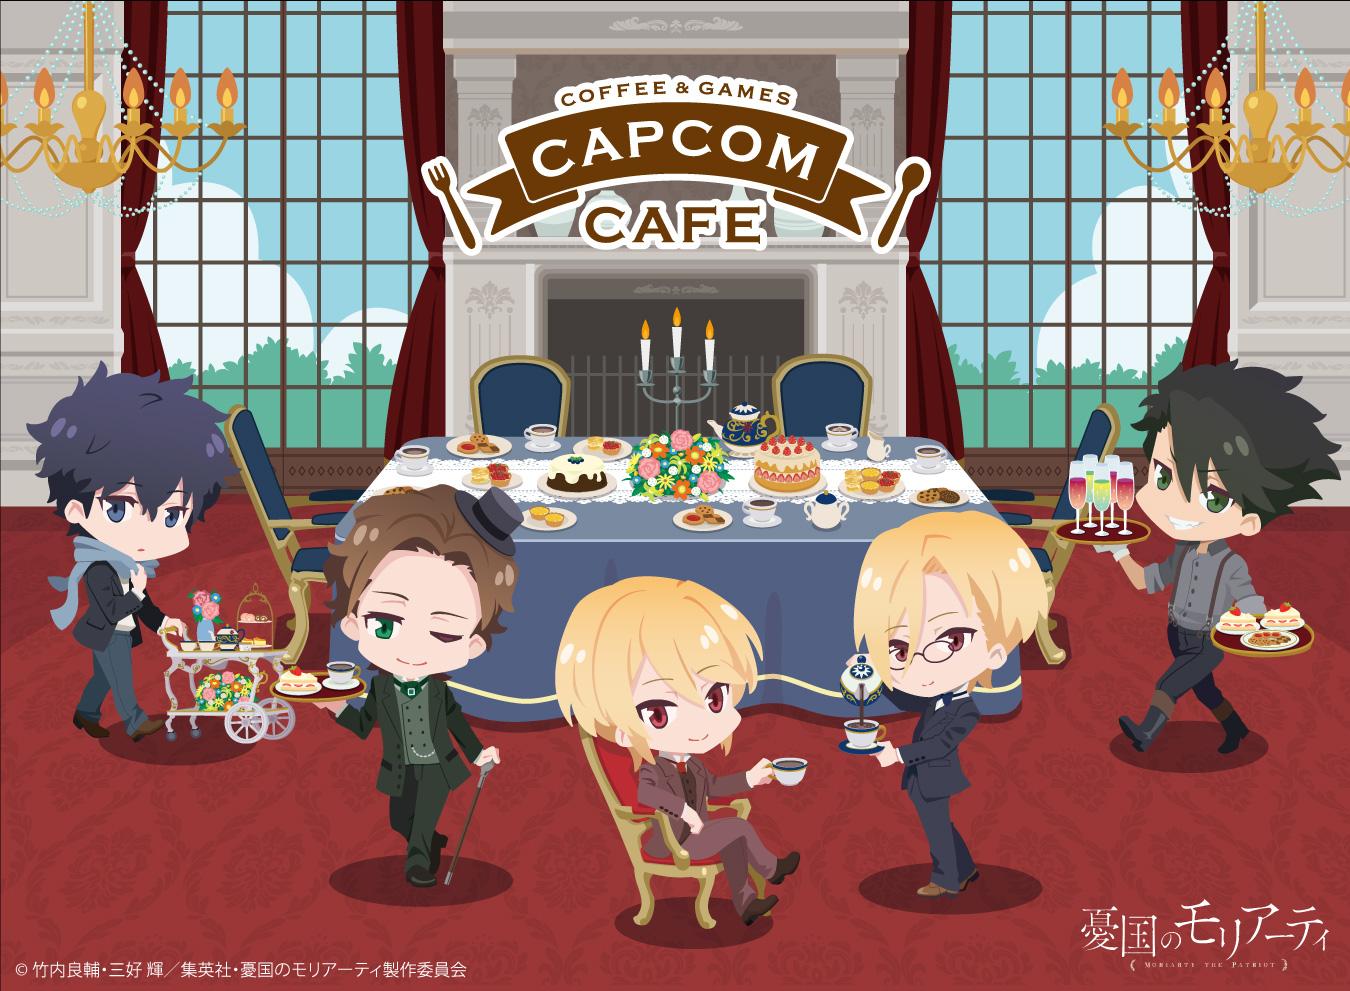 TVアニメ「憂国のモリアーティ」×カプコンカフェ 開催決定